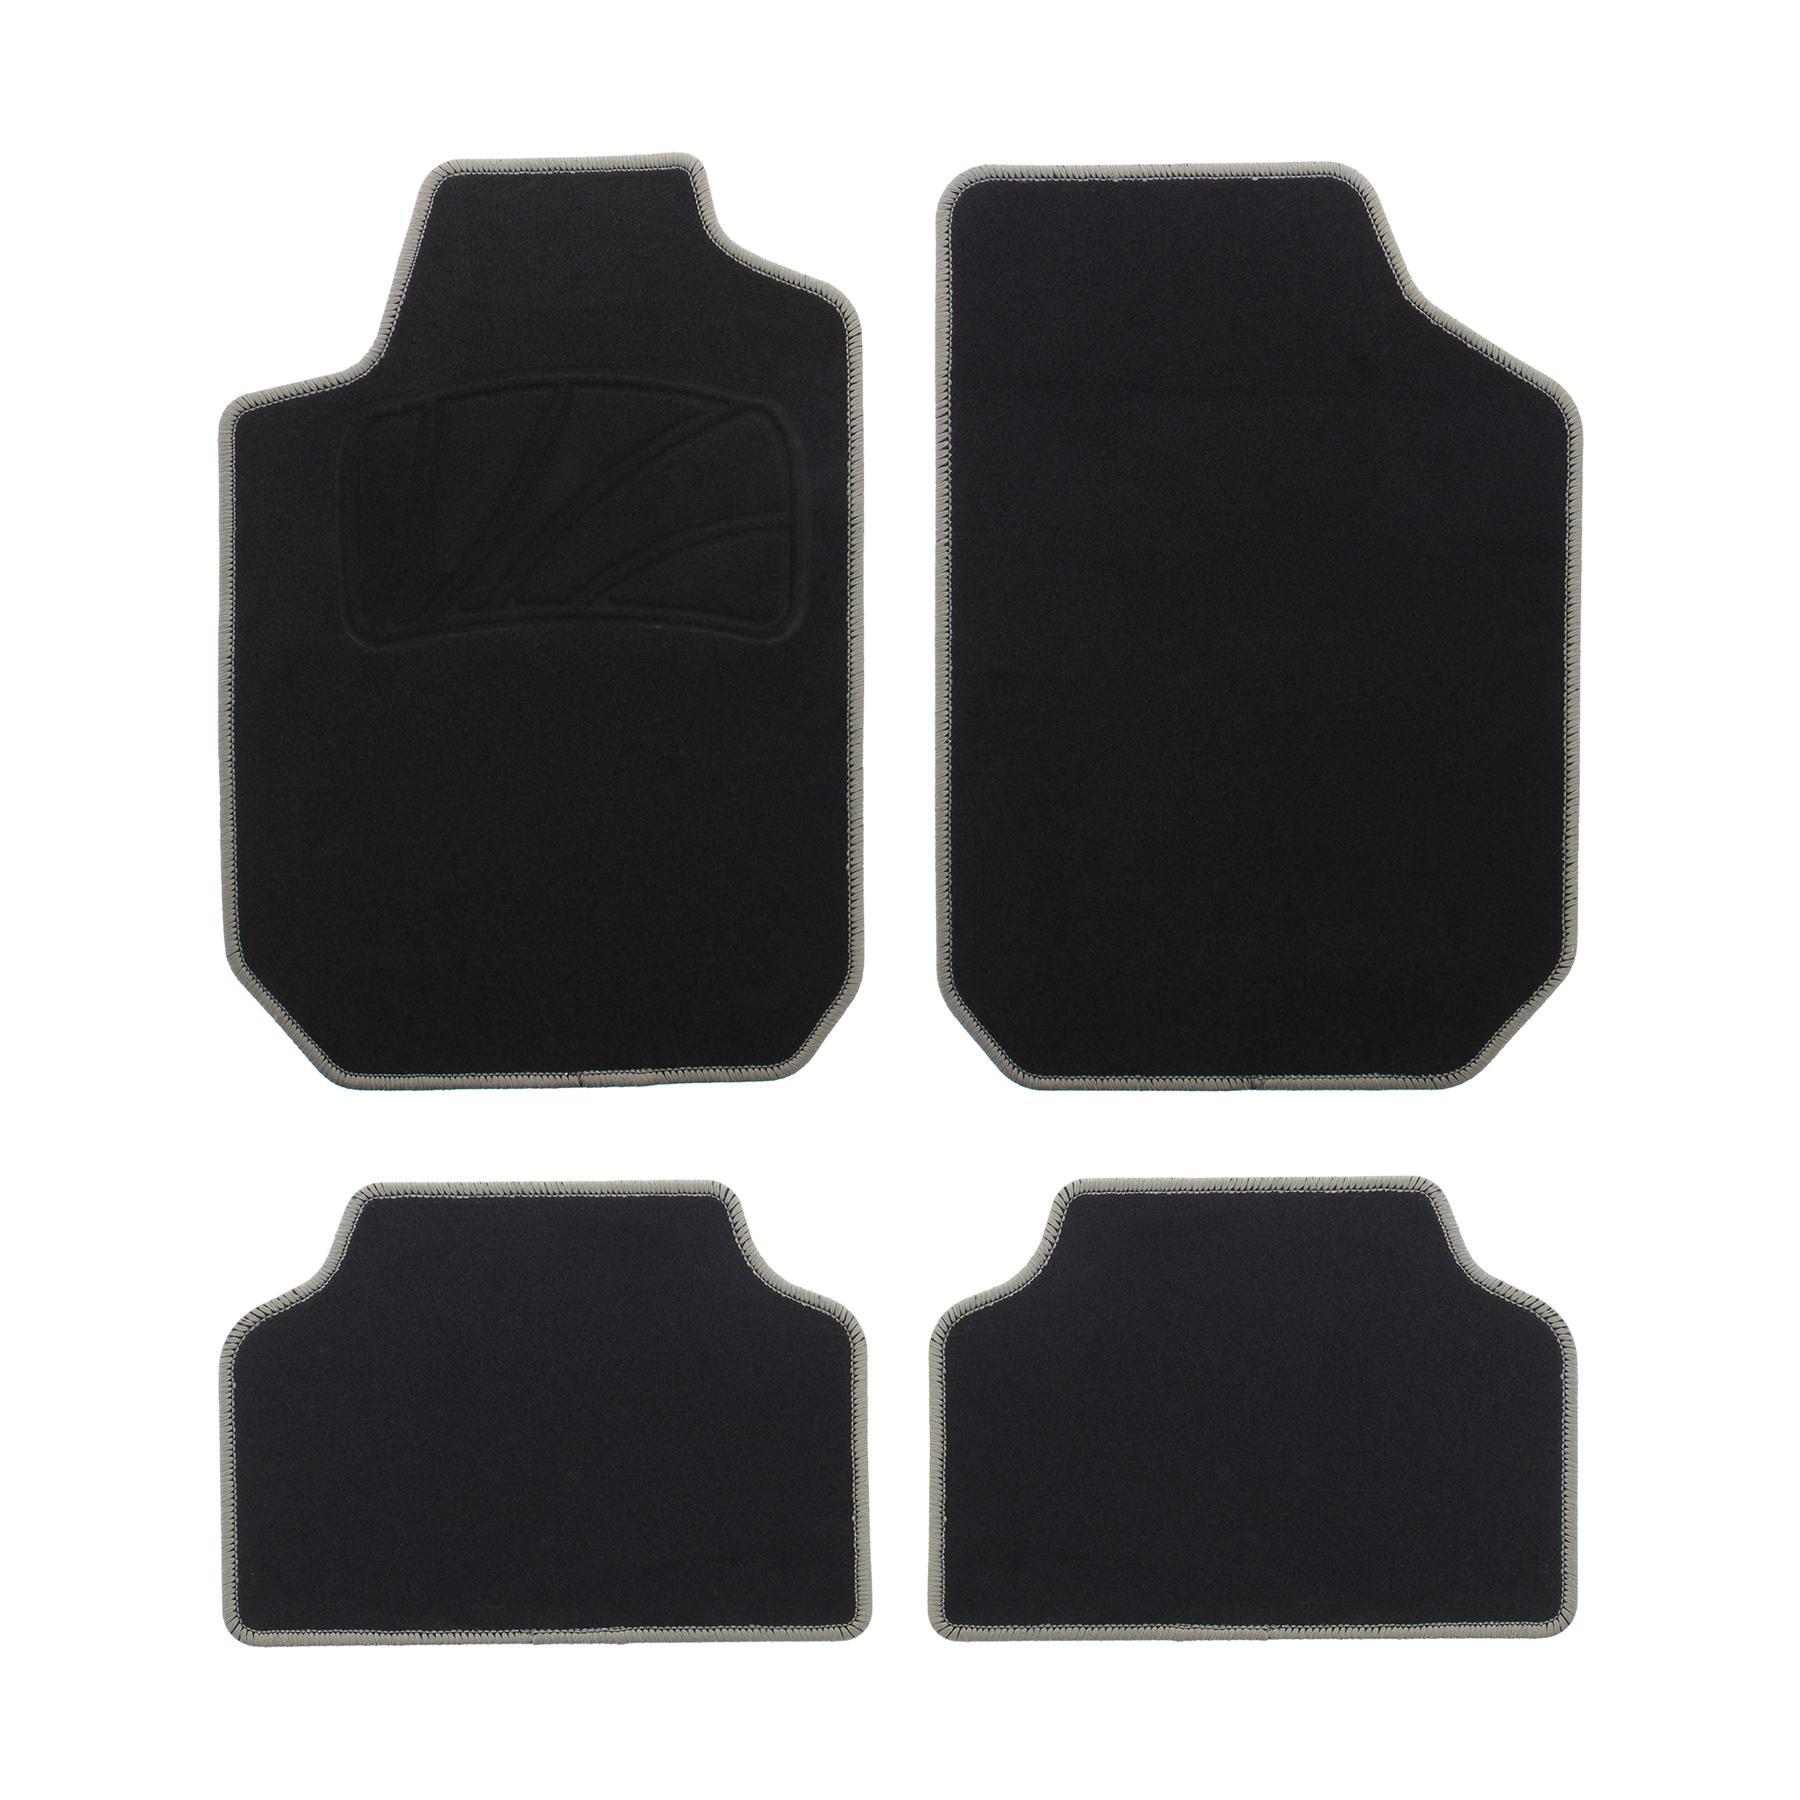 165139 RED SIGN Universelle passform Textil, vorne und hinten, Menge: 4, schwarz Autofußmatten 165139 günstig kaufen